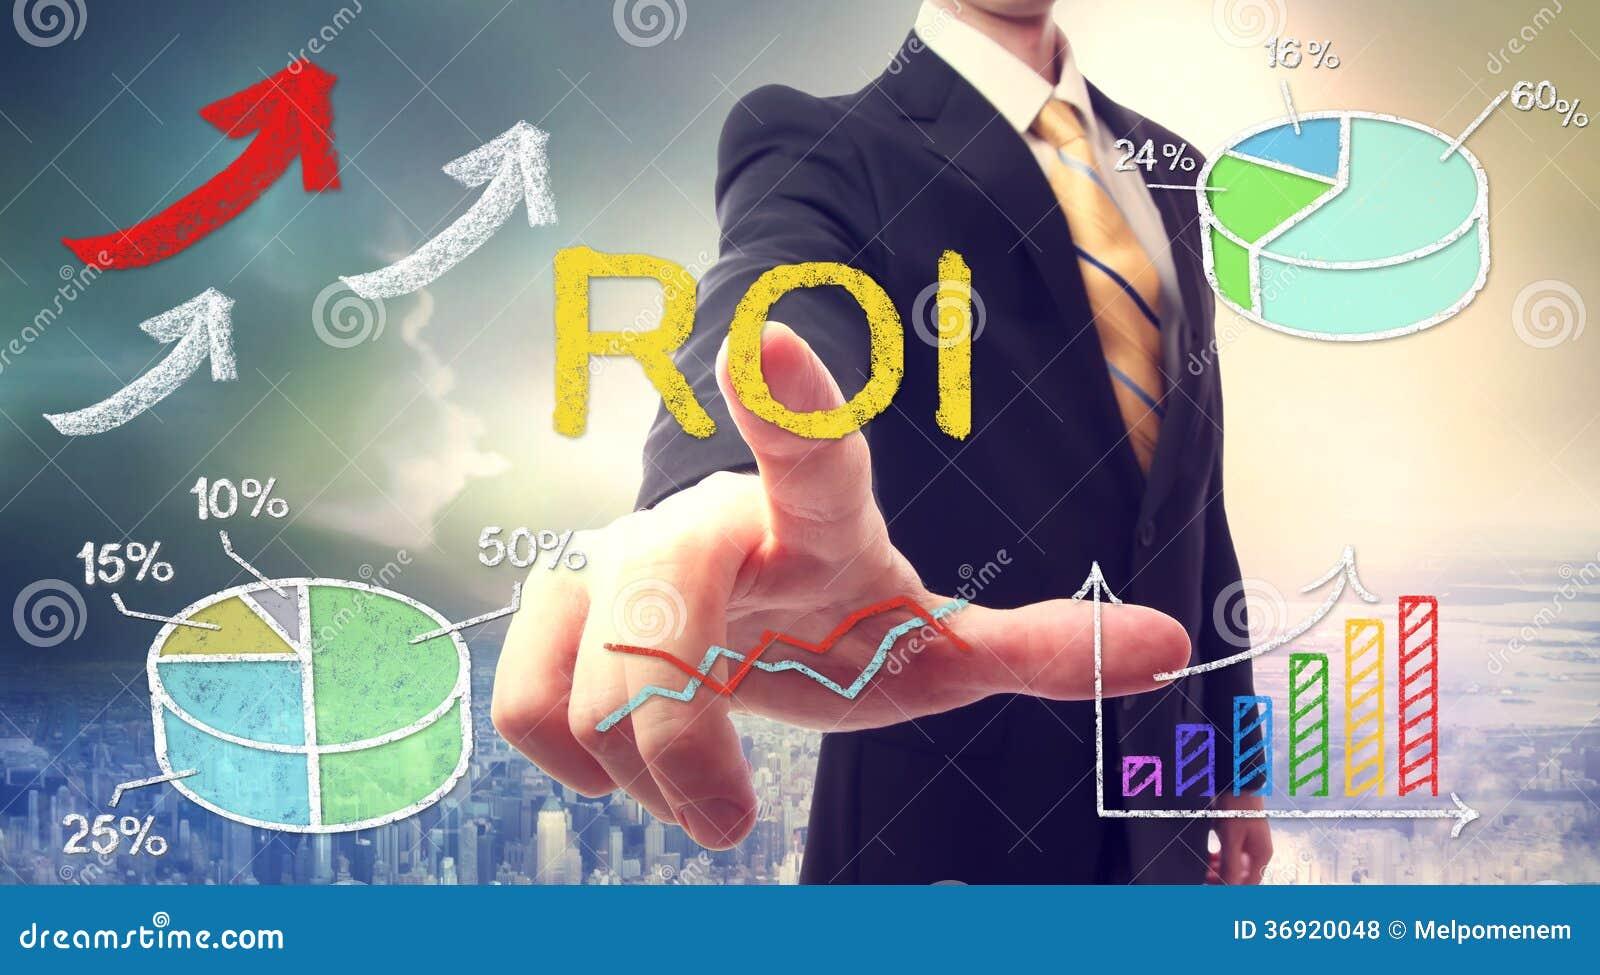 Hombre de negocios que toca ROI (rentabilidad de la inversión)